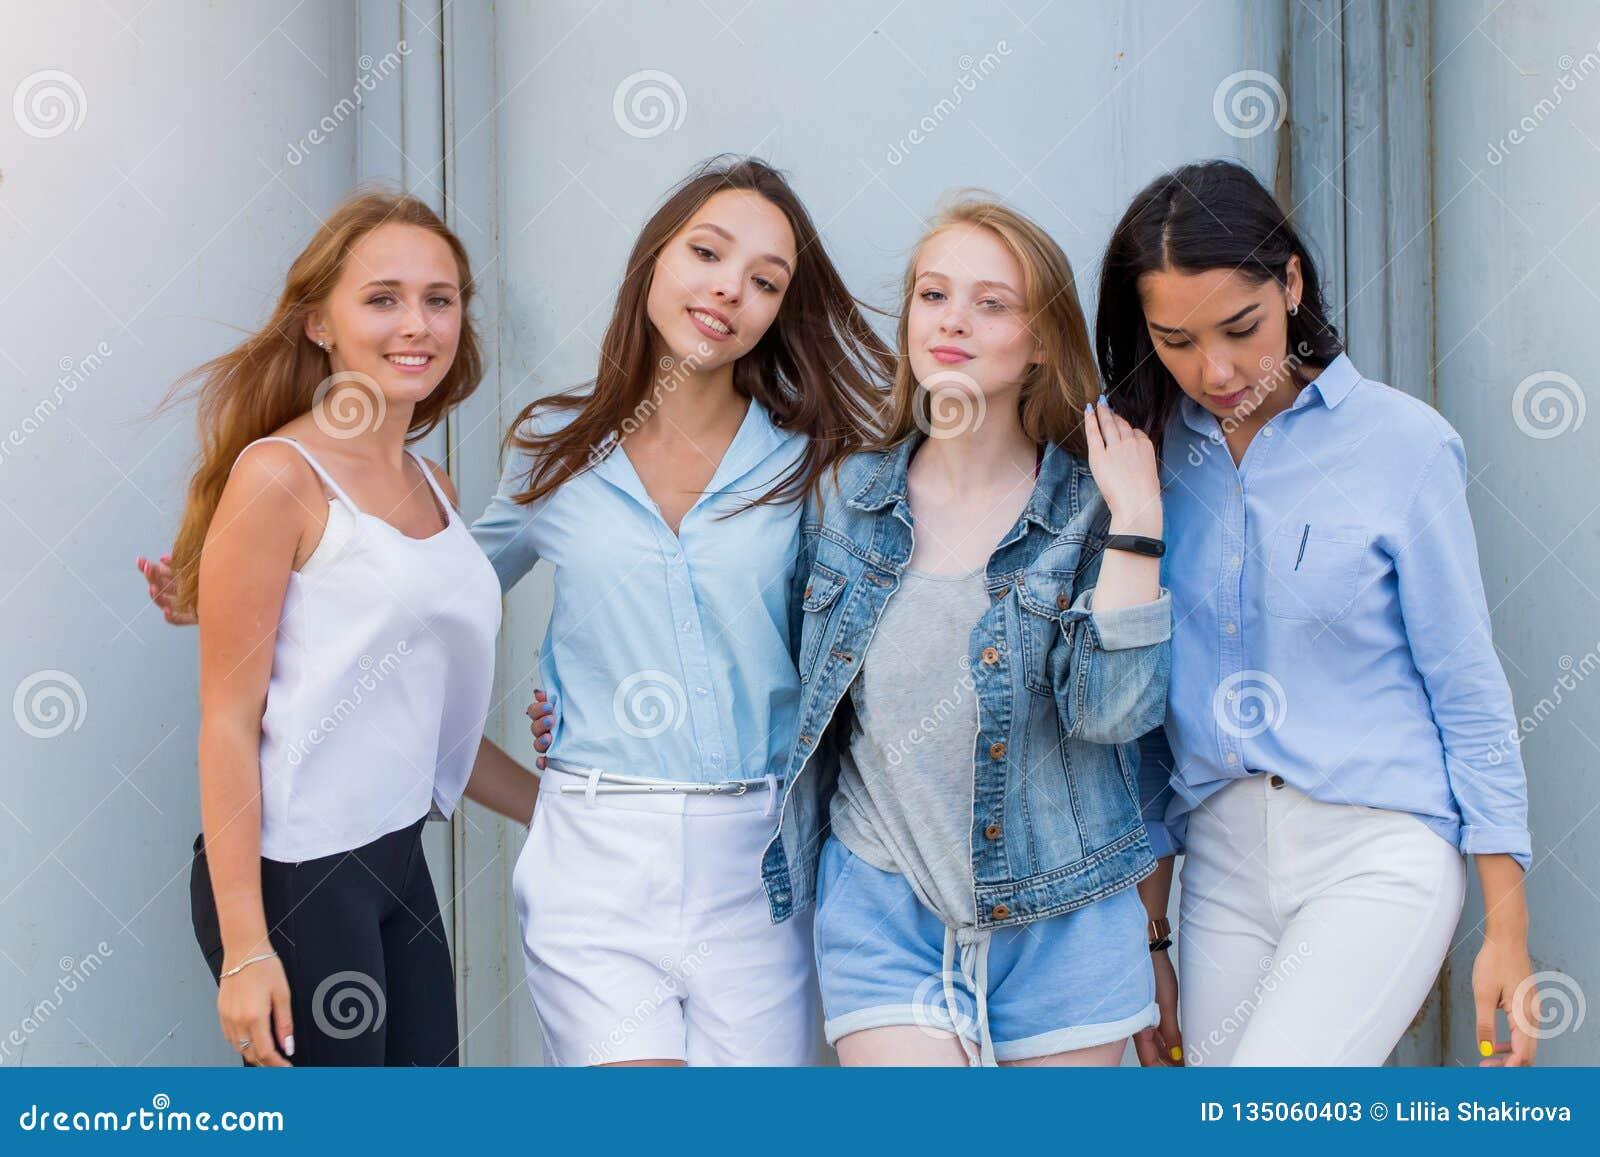 Gruppen av kvinnliga studenter i sommar beklär att posera tillsammans utomhus- och att se kameran Modestående av den unga student